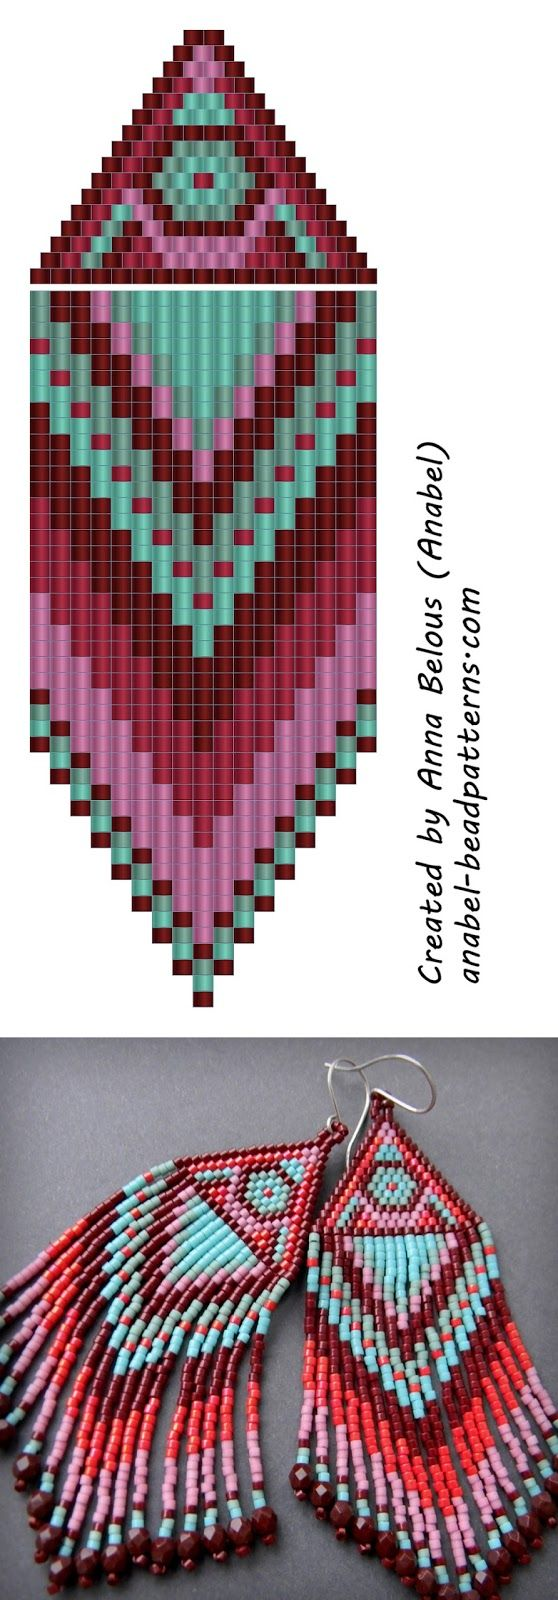 seed bead earrings pattern - peyote earrings with fringe